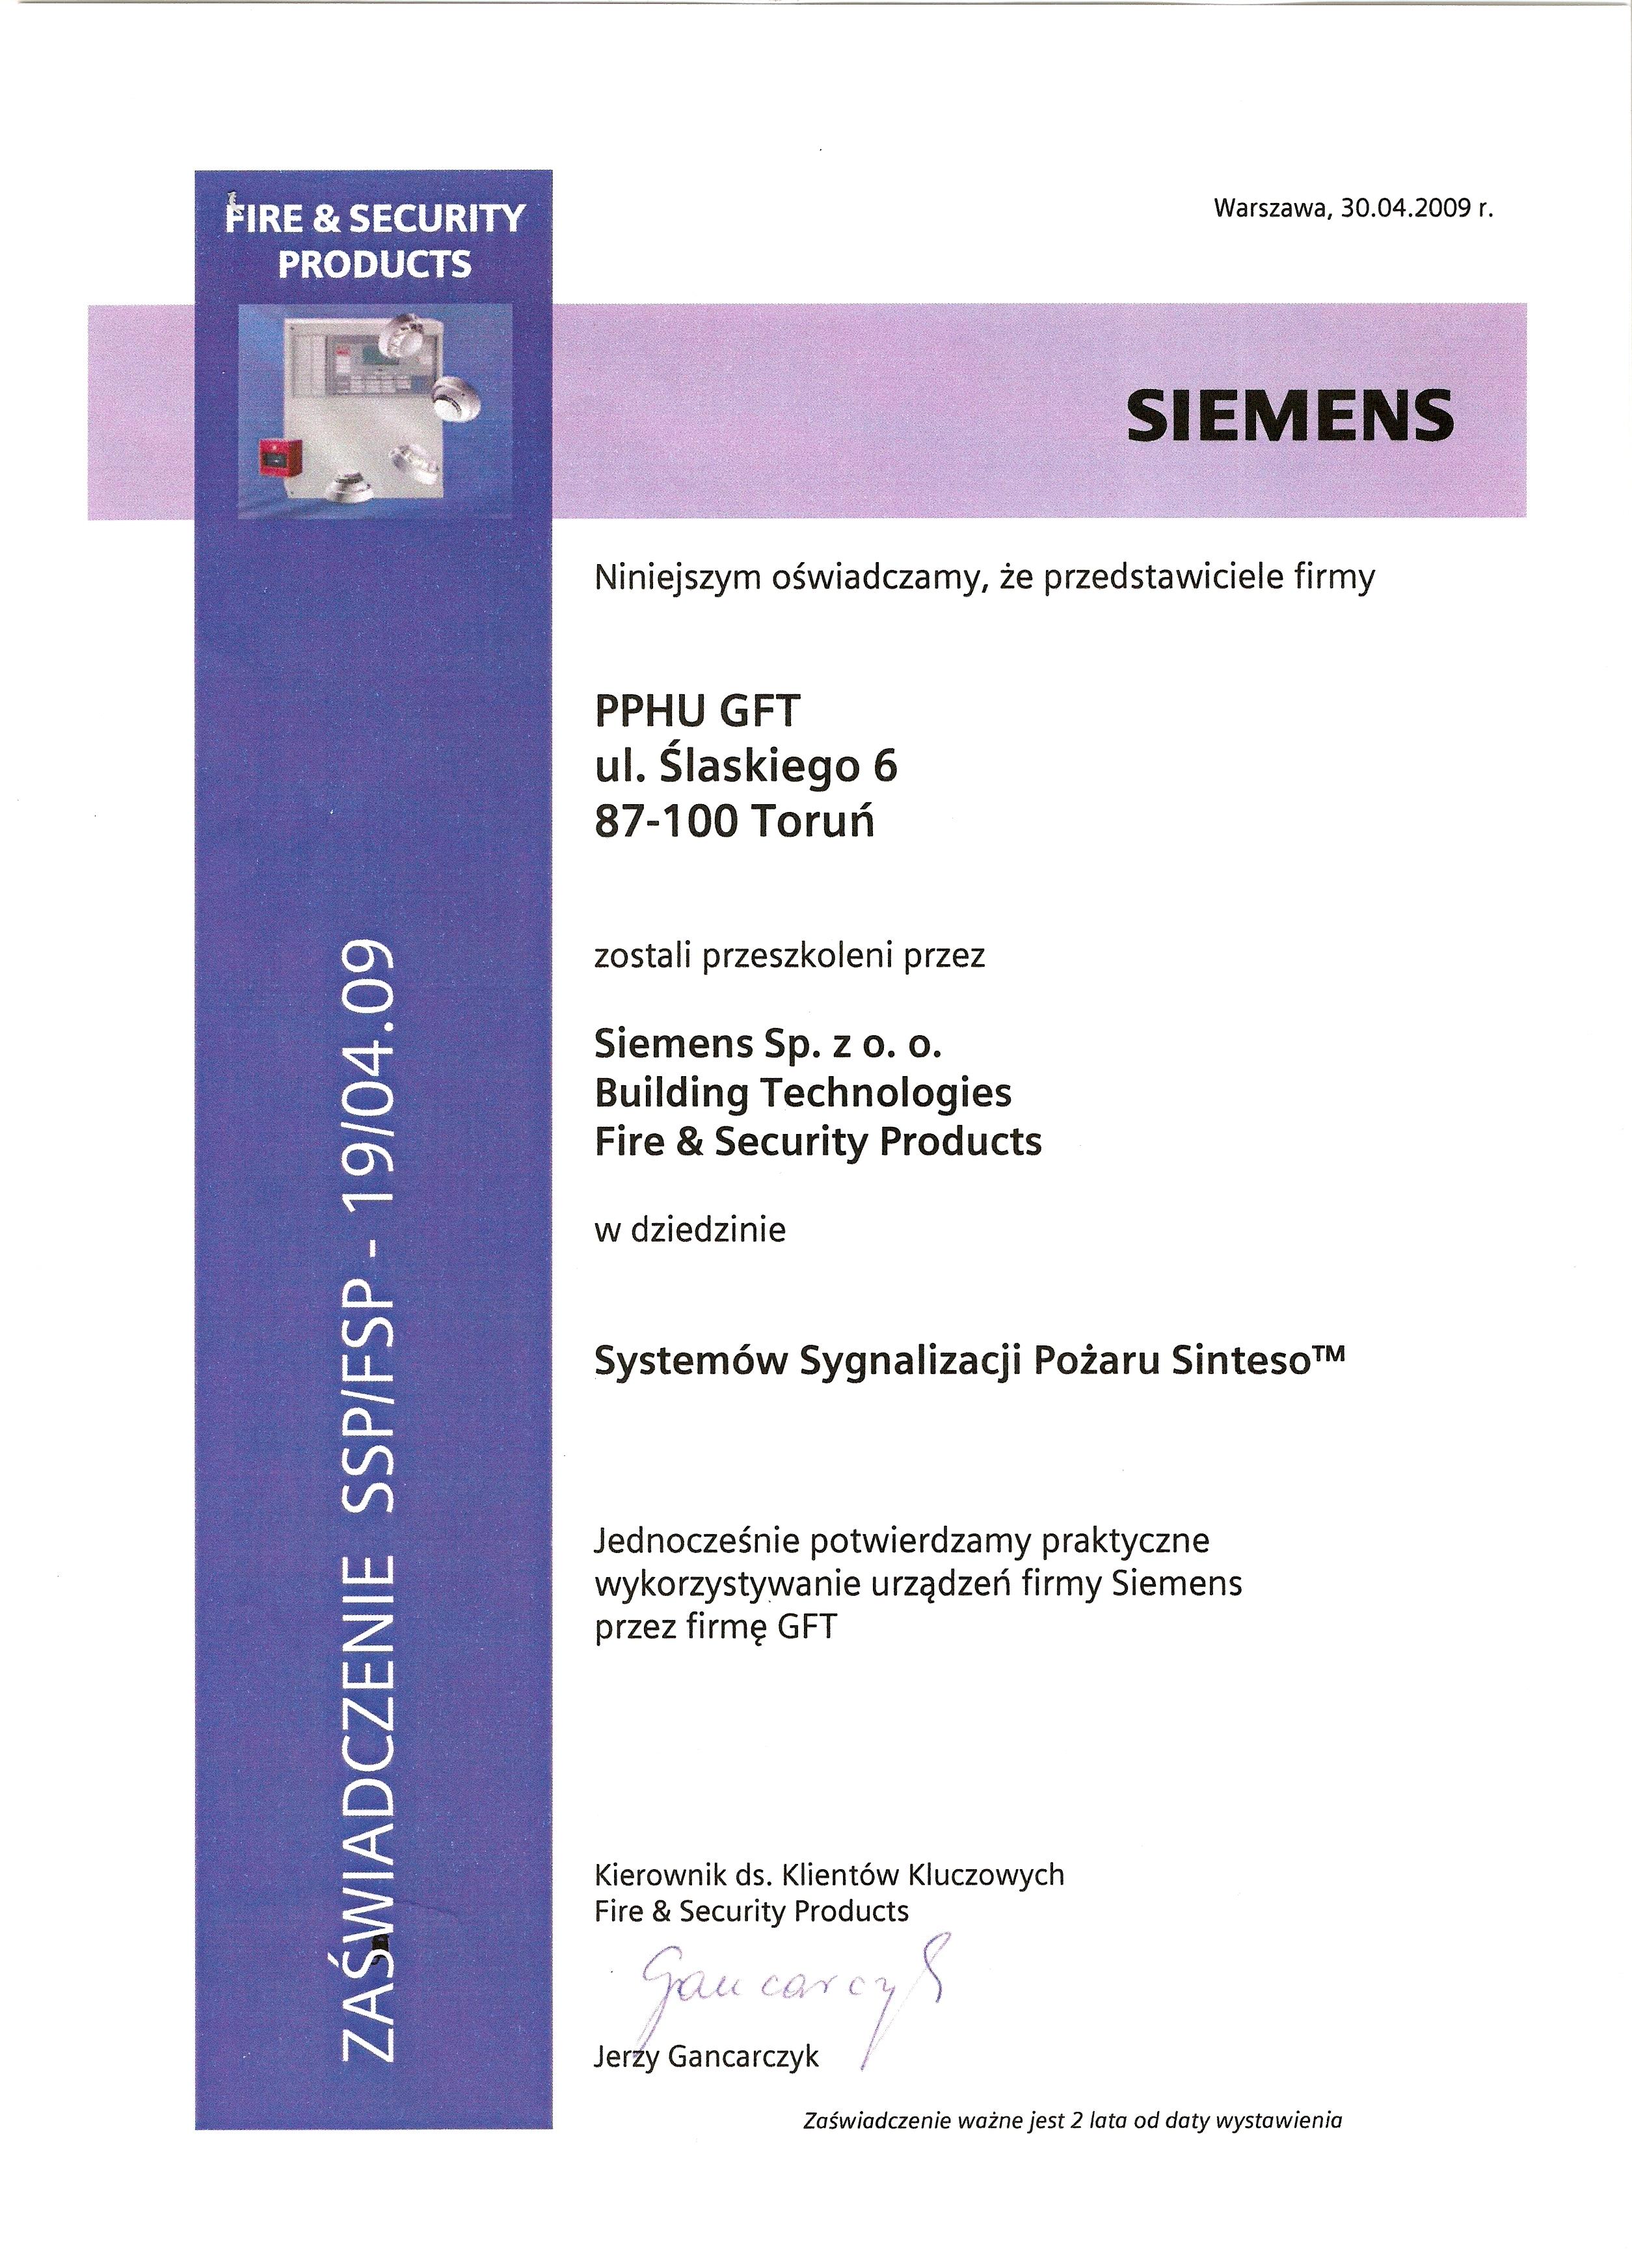 Certyfikat Siemens